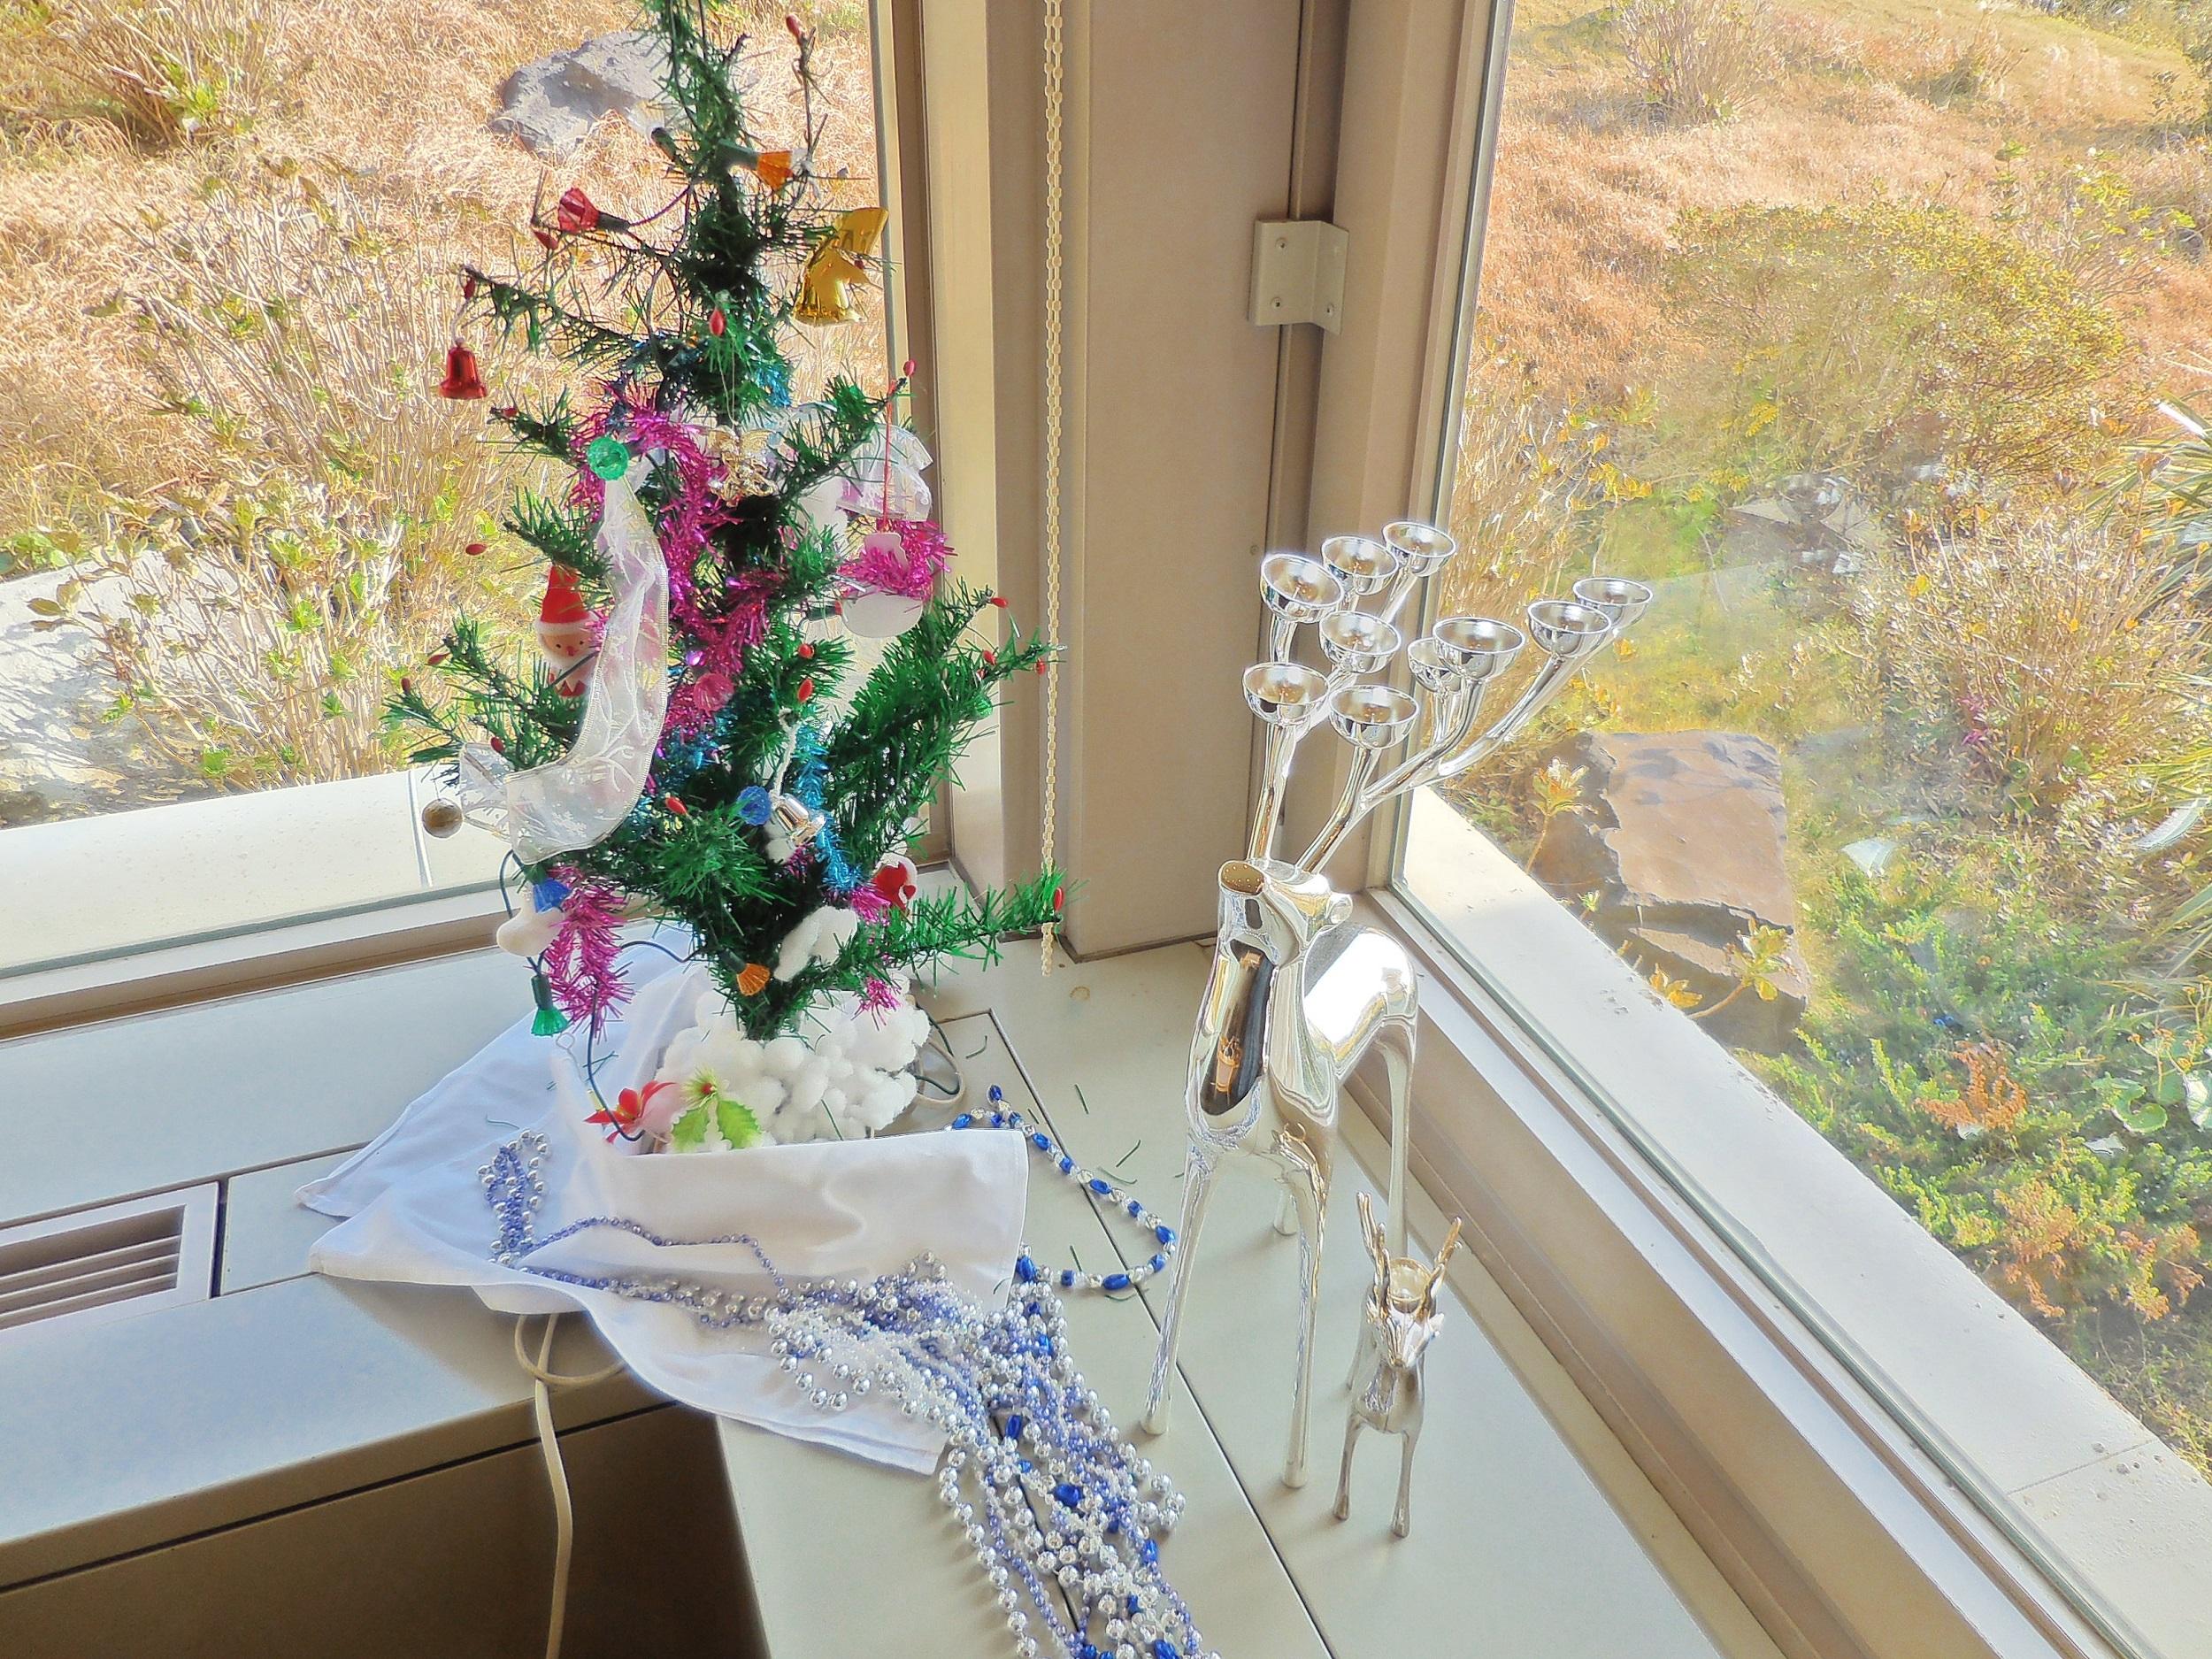 【鎌倉】クリスマスアフタヌーンティに行ってきました♡_2